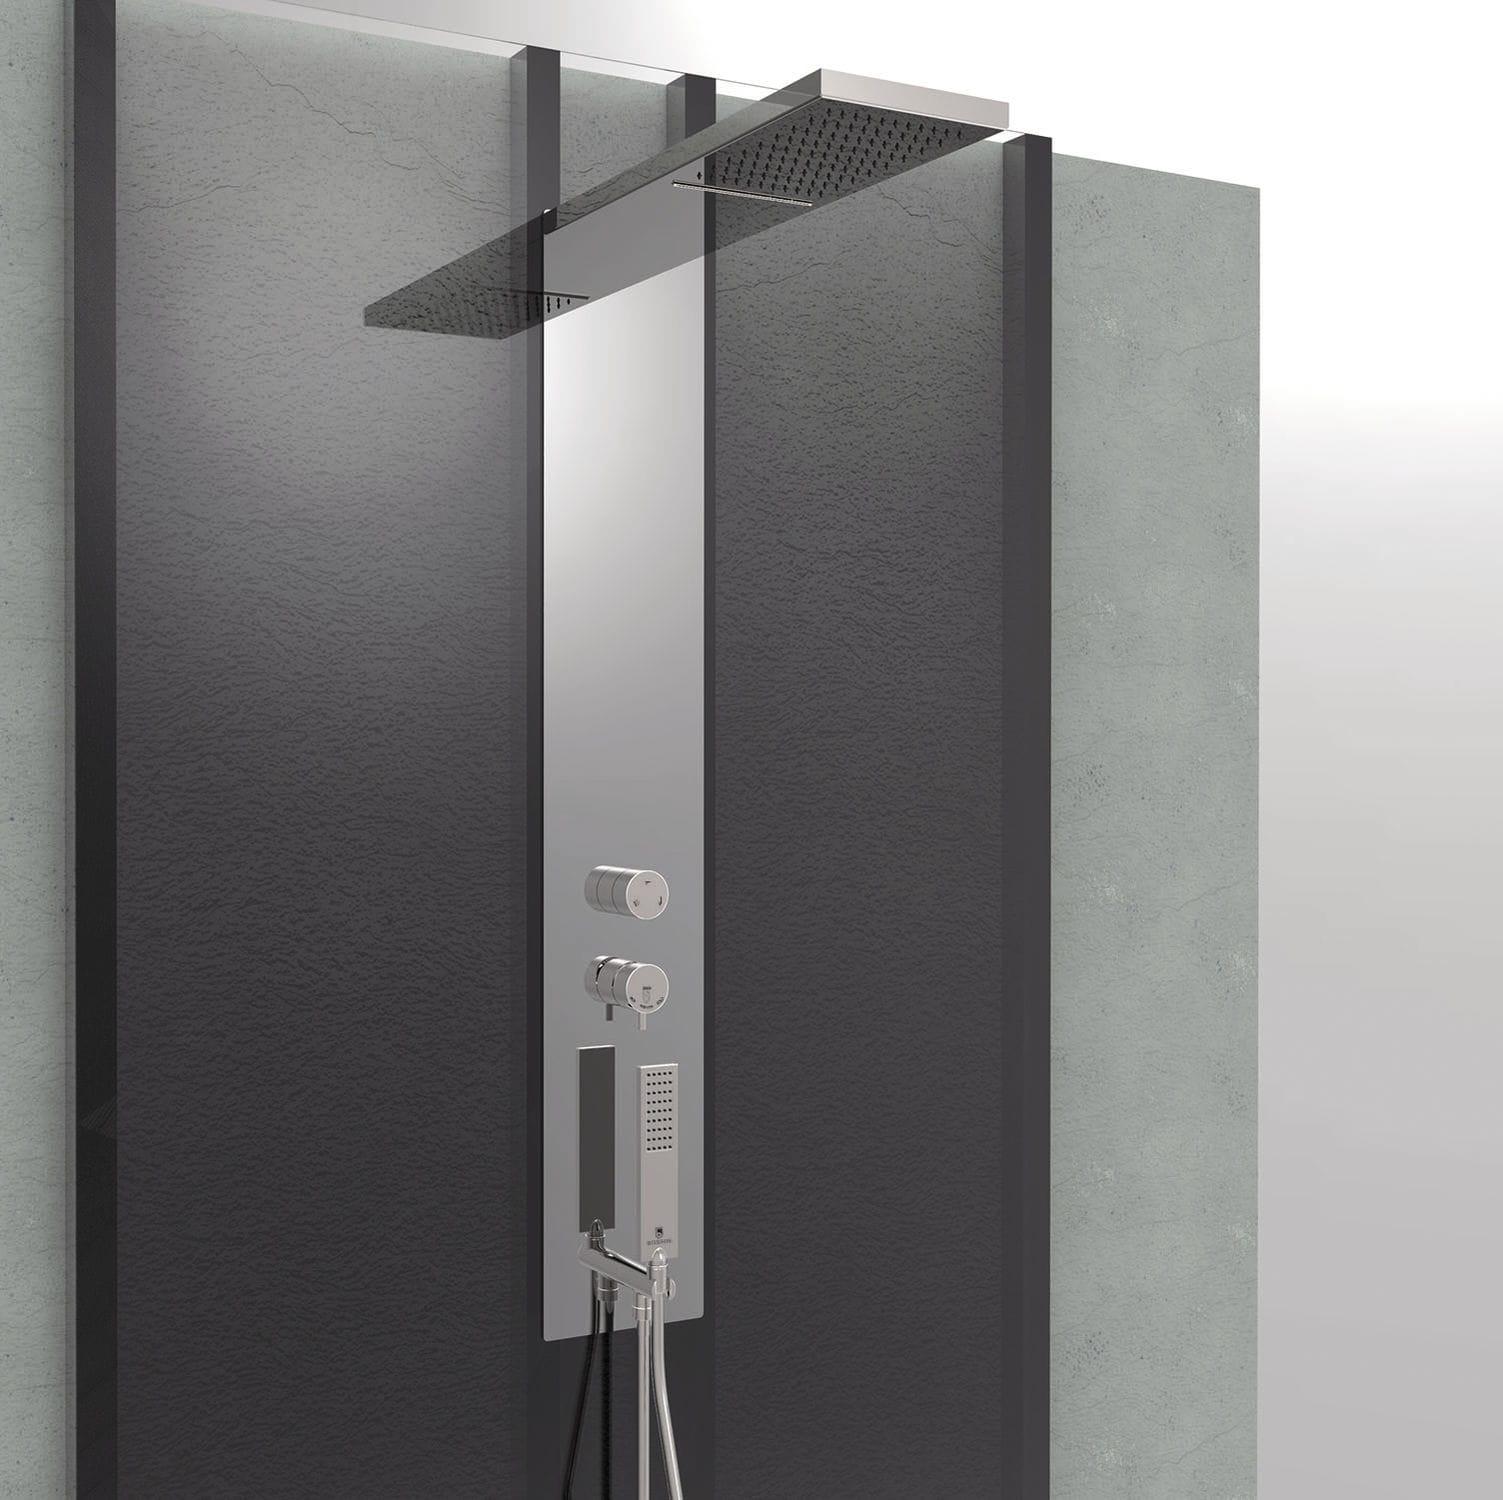 Colonna doccia termostatica con doccia a mano manhattan panel